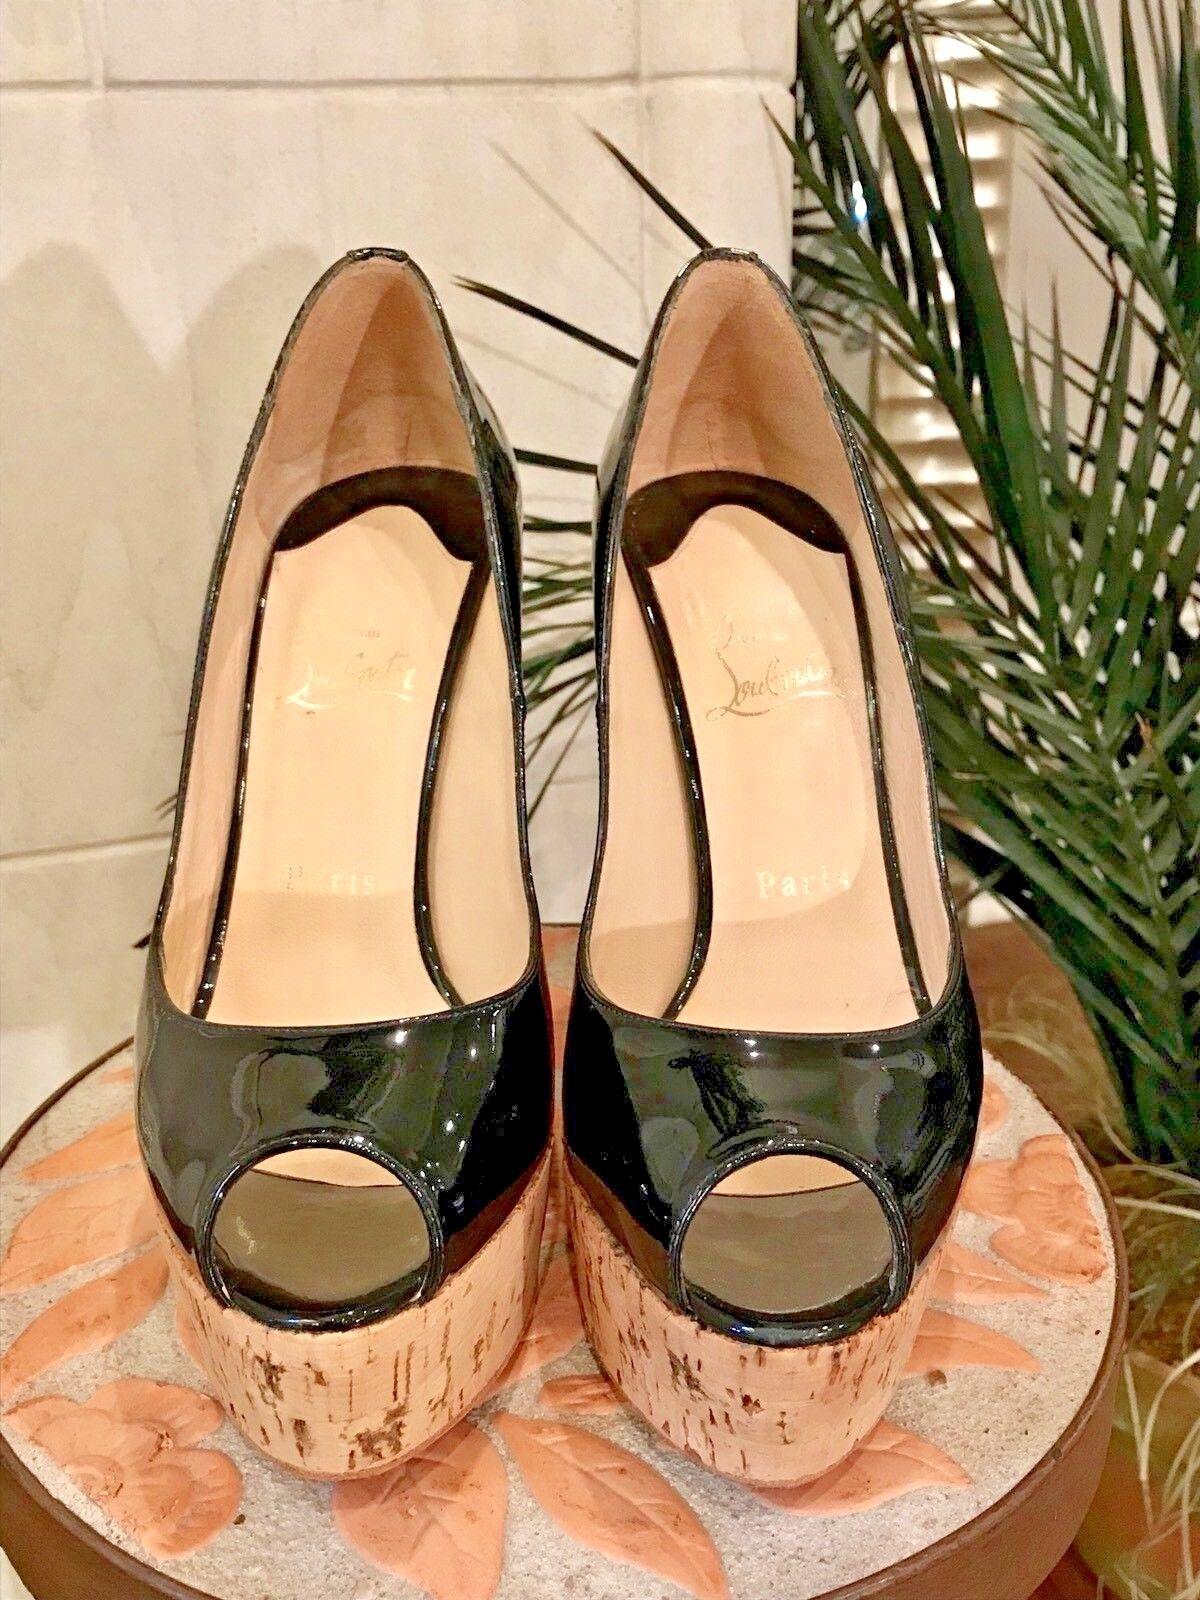 Christian Louboutin Womens Une Plume 140 Black Black Black Patent Leather Sandals $625 - 39 d51c44